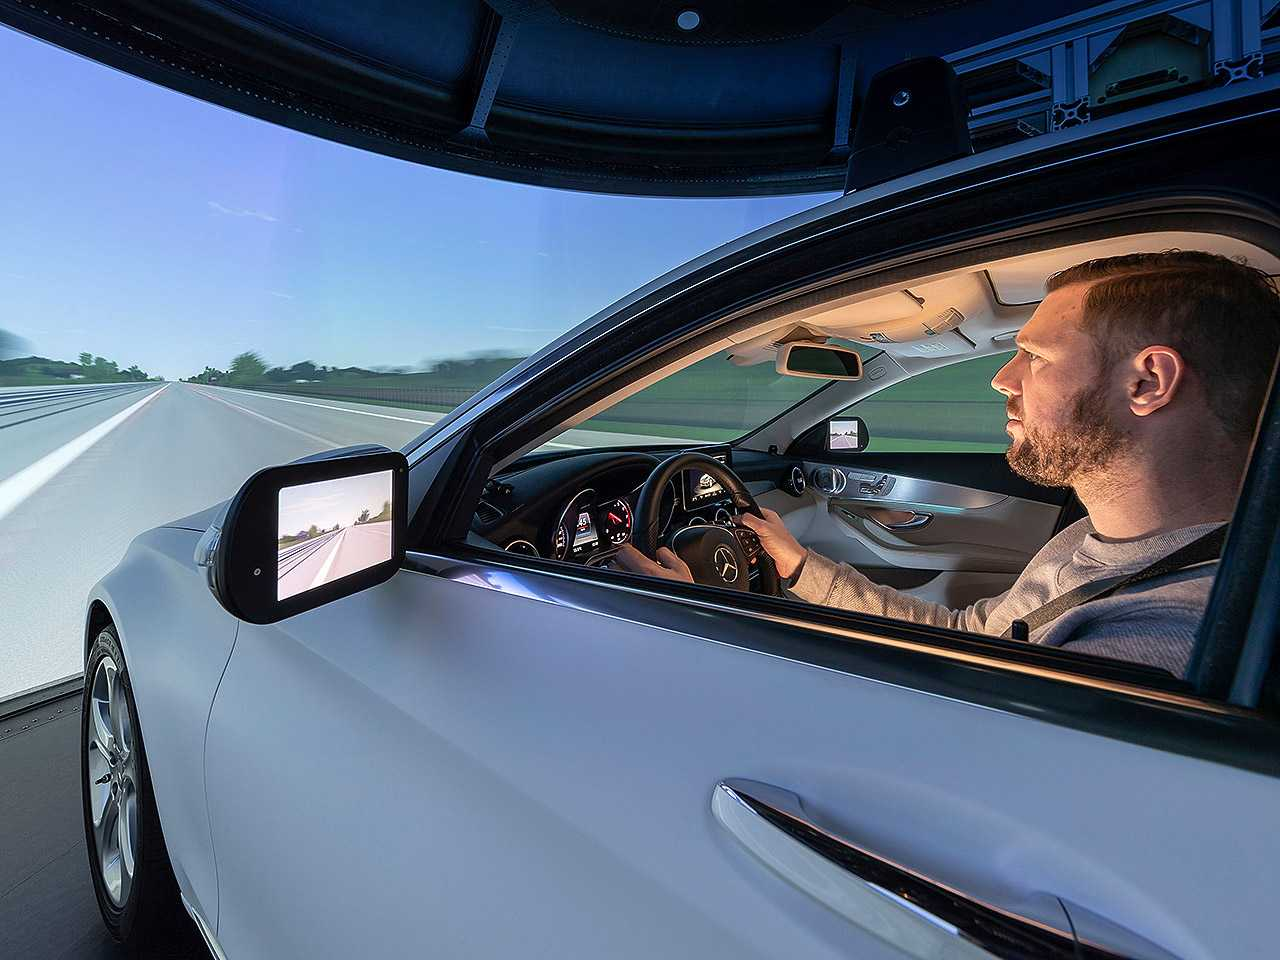 Fabricantes investem alto na aplicação de tecnologias cada vez mais sofisticadas